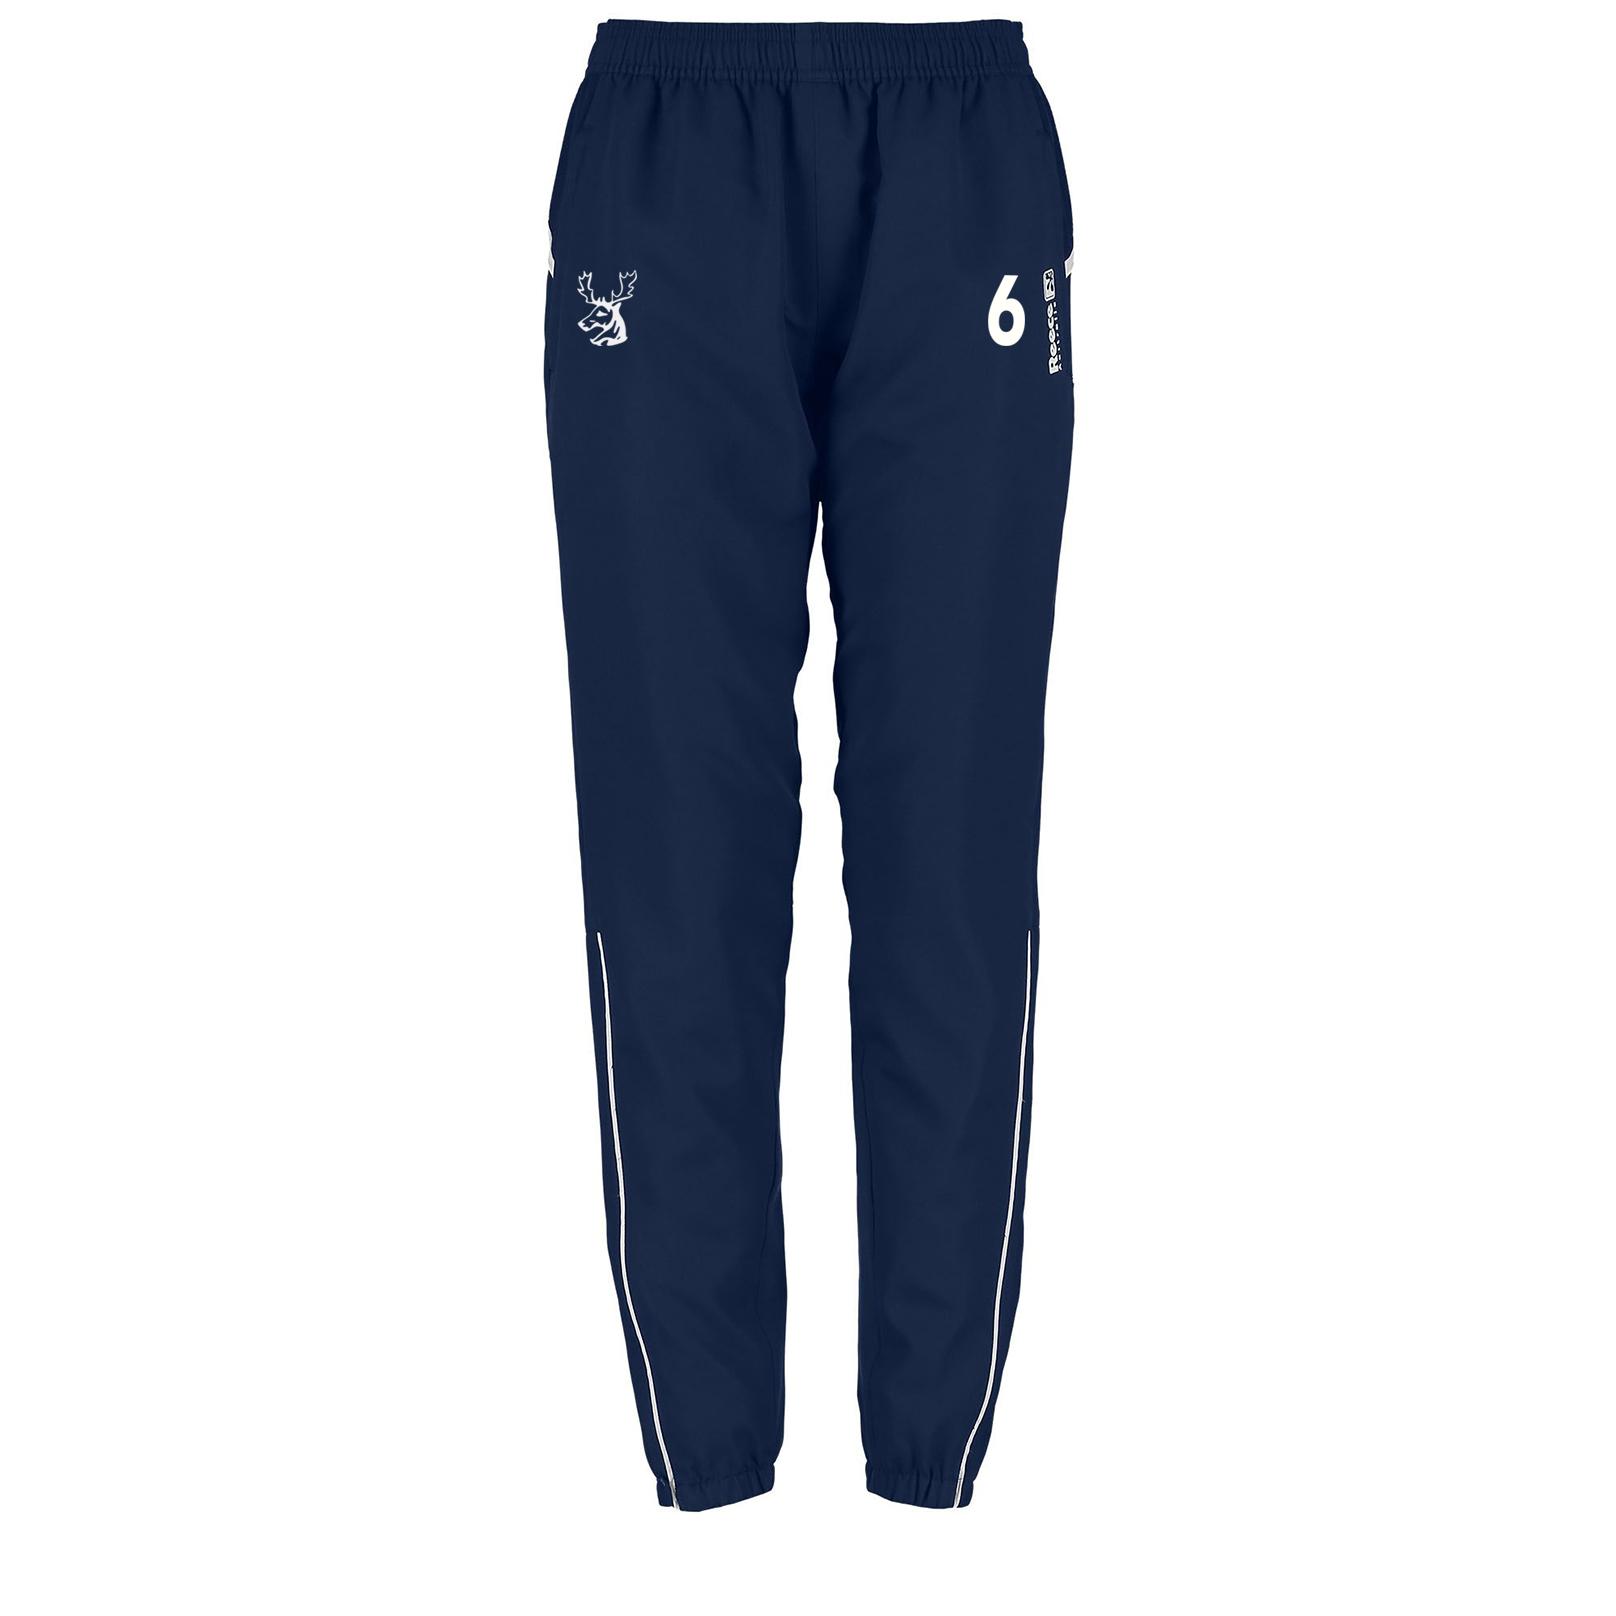 pants-ladies-navy-number